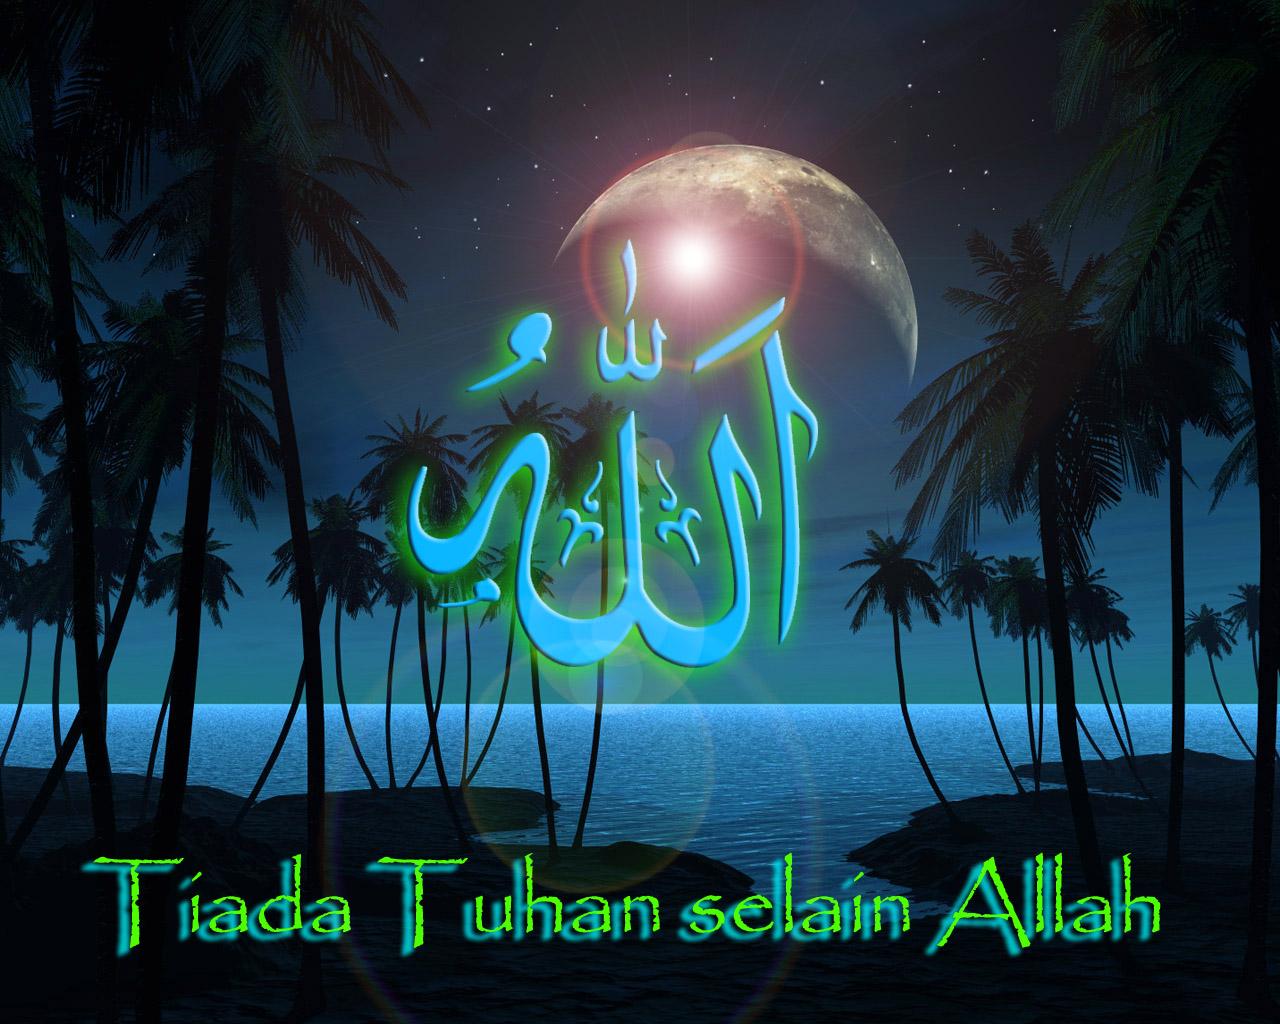 http://1.bp.blogspot.com/-hKiHj4qmKlk/TrlJoZ90fFI/AAAAAAAAJ8o/vNIk-ZNg4sY/s1600/Tiada+Tuhan+selain+Allah.jpg